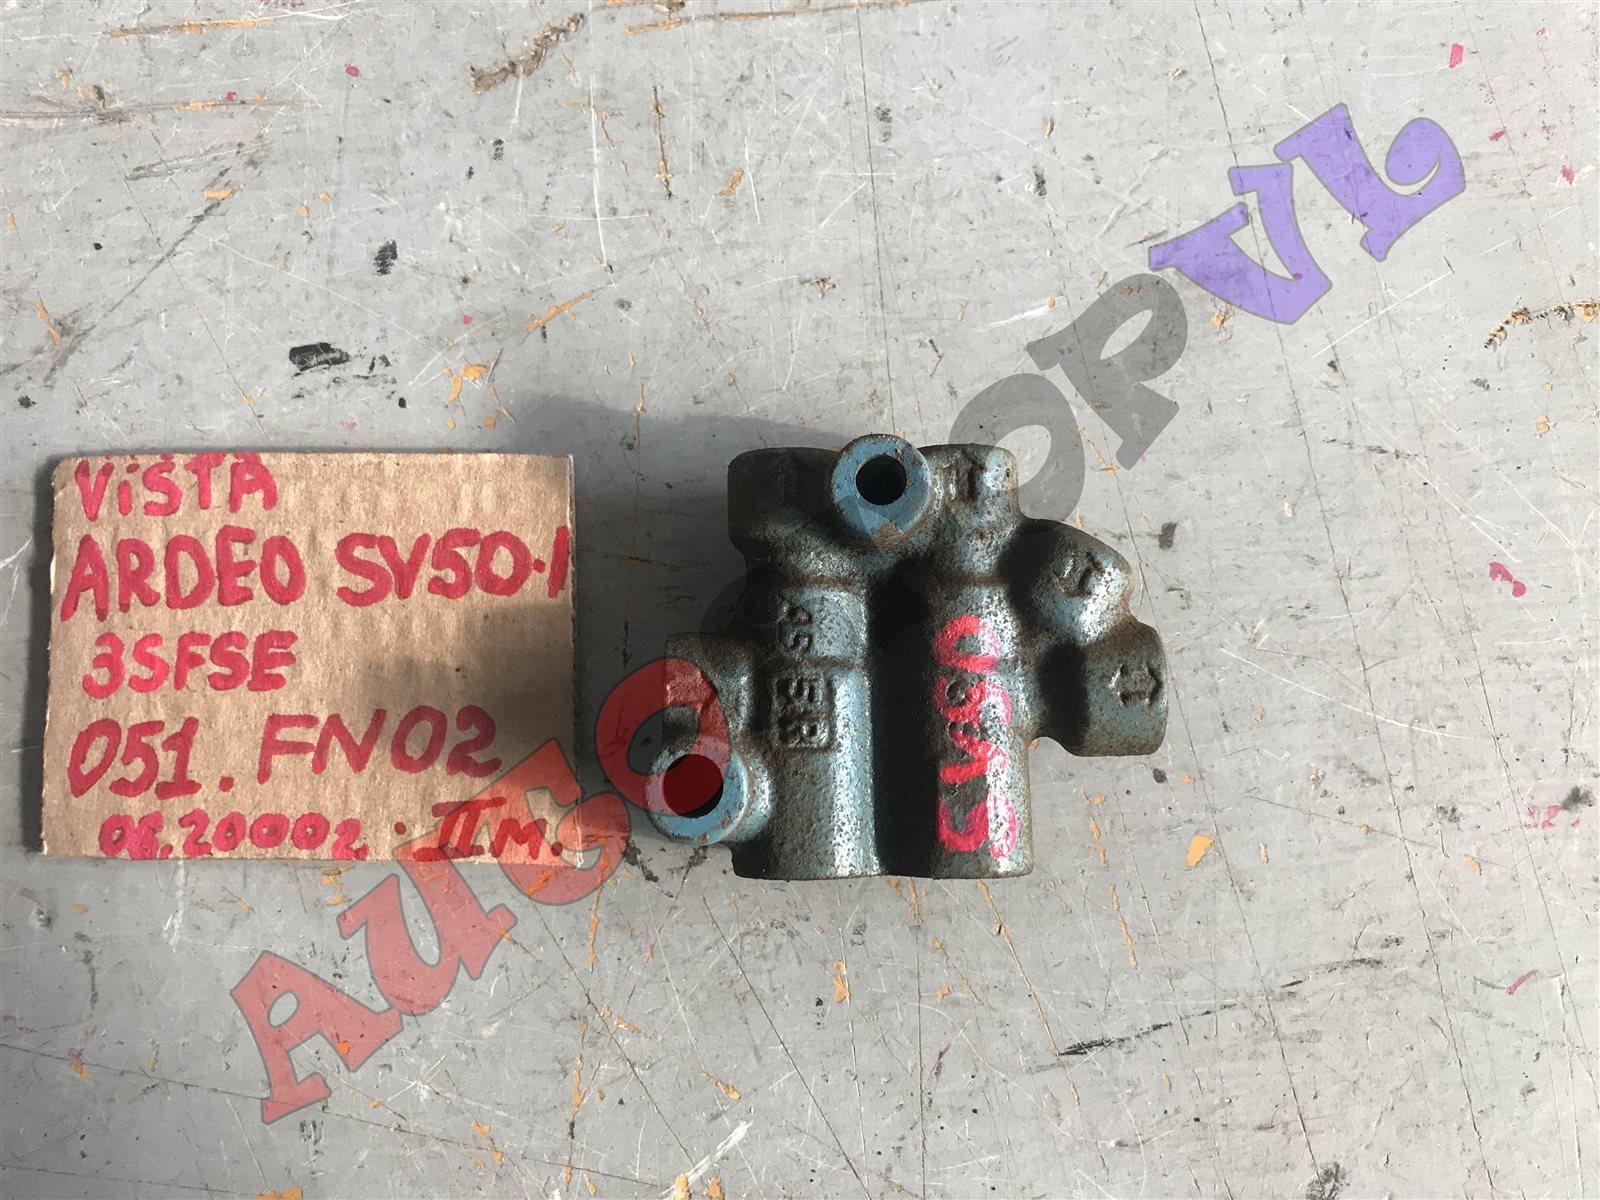 Распределитель тормозной Toyota Vista Ardeo SV50 3SFSE 06.2000 (б/у)